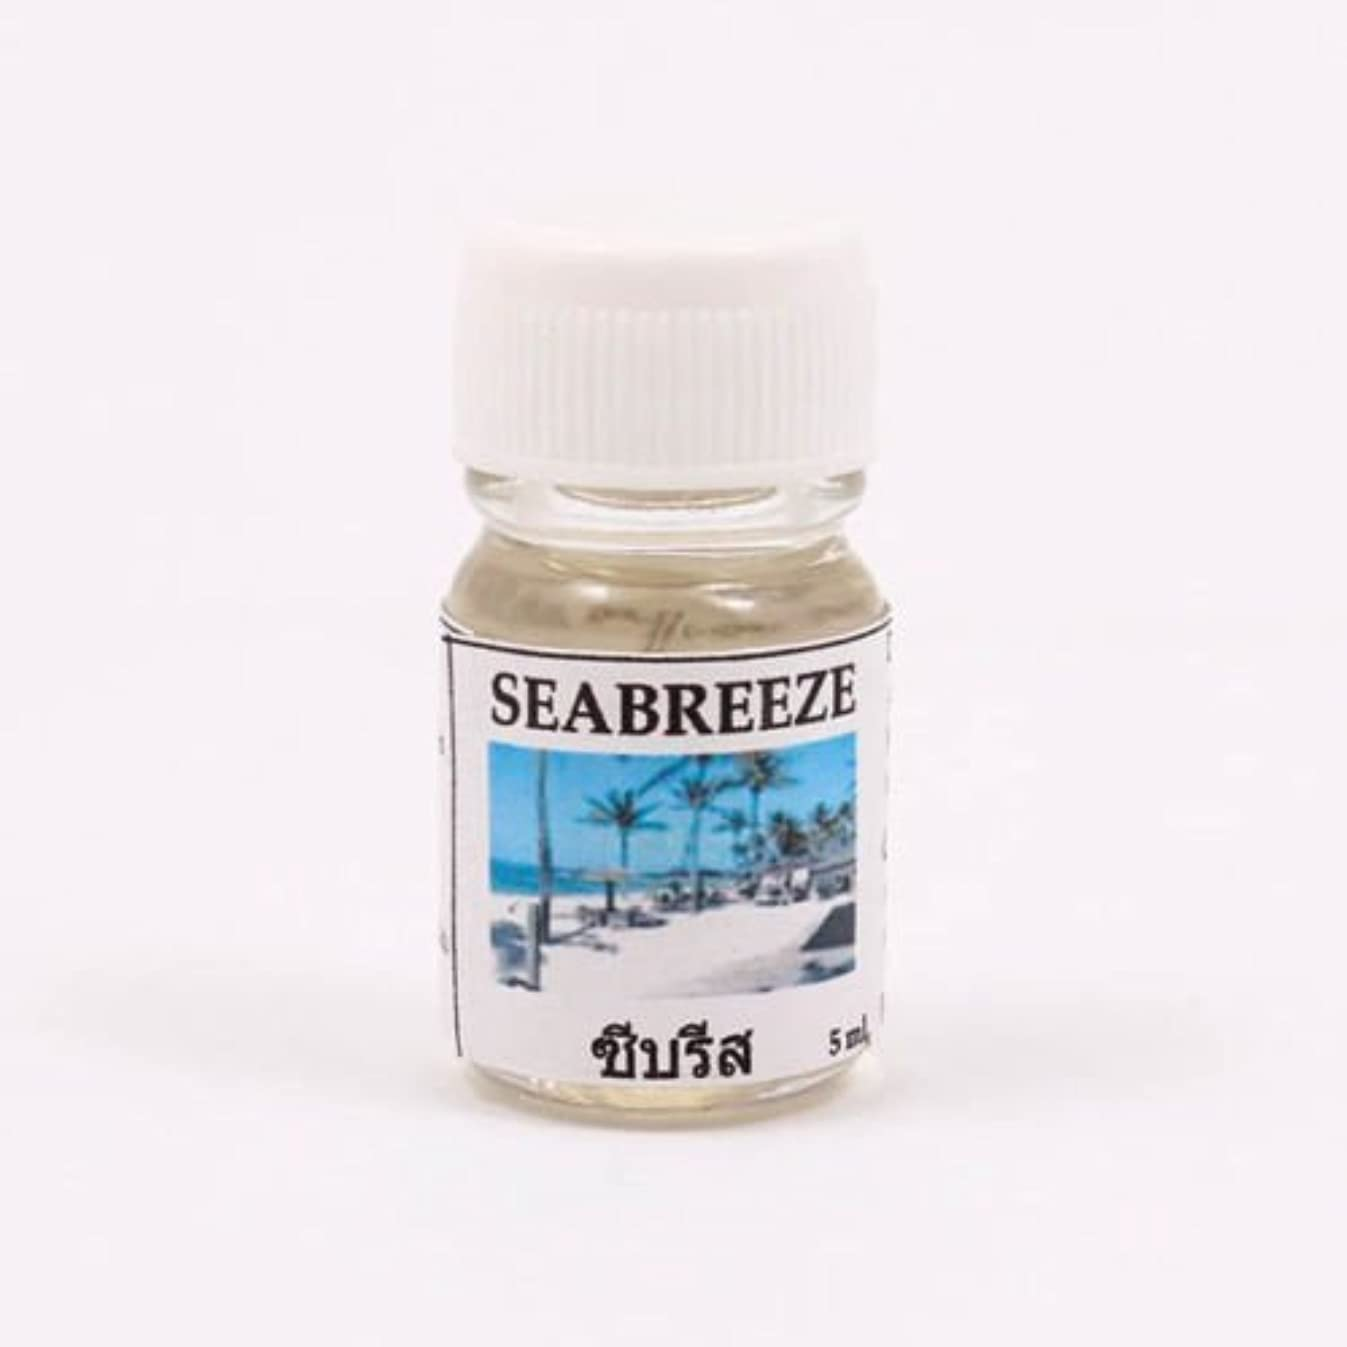 待つモジュール高度な6X Seabreeze Aroma Fragrance Essential Oil 5ML. cc Diffuser Burner Therapy